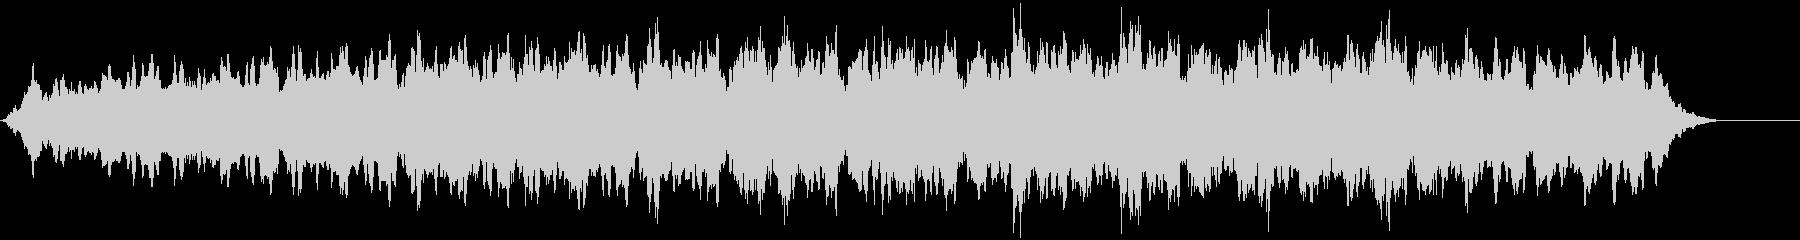 リズミカルな倍音を伴うスローハイピ...の未再生の波形